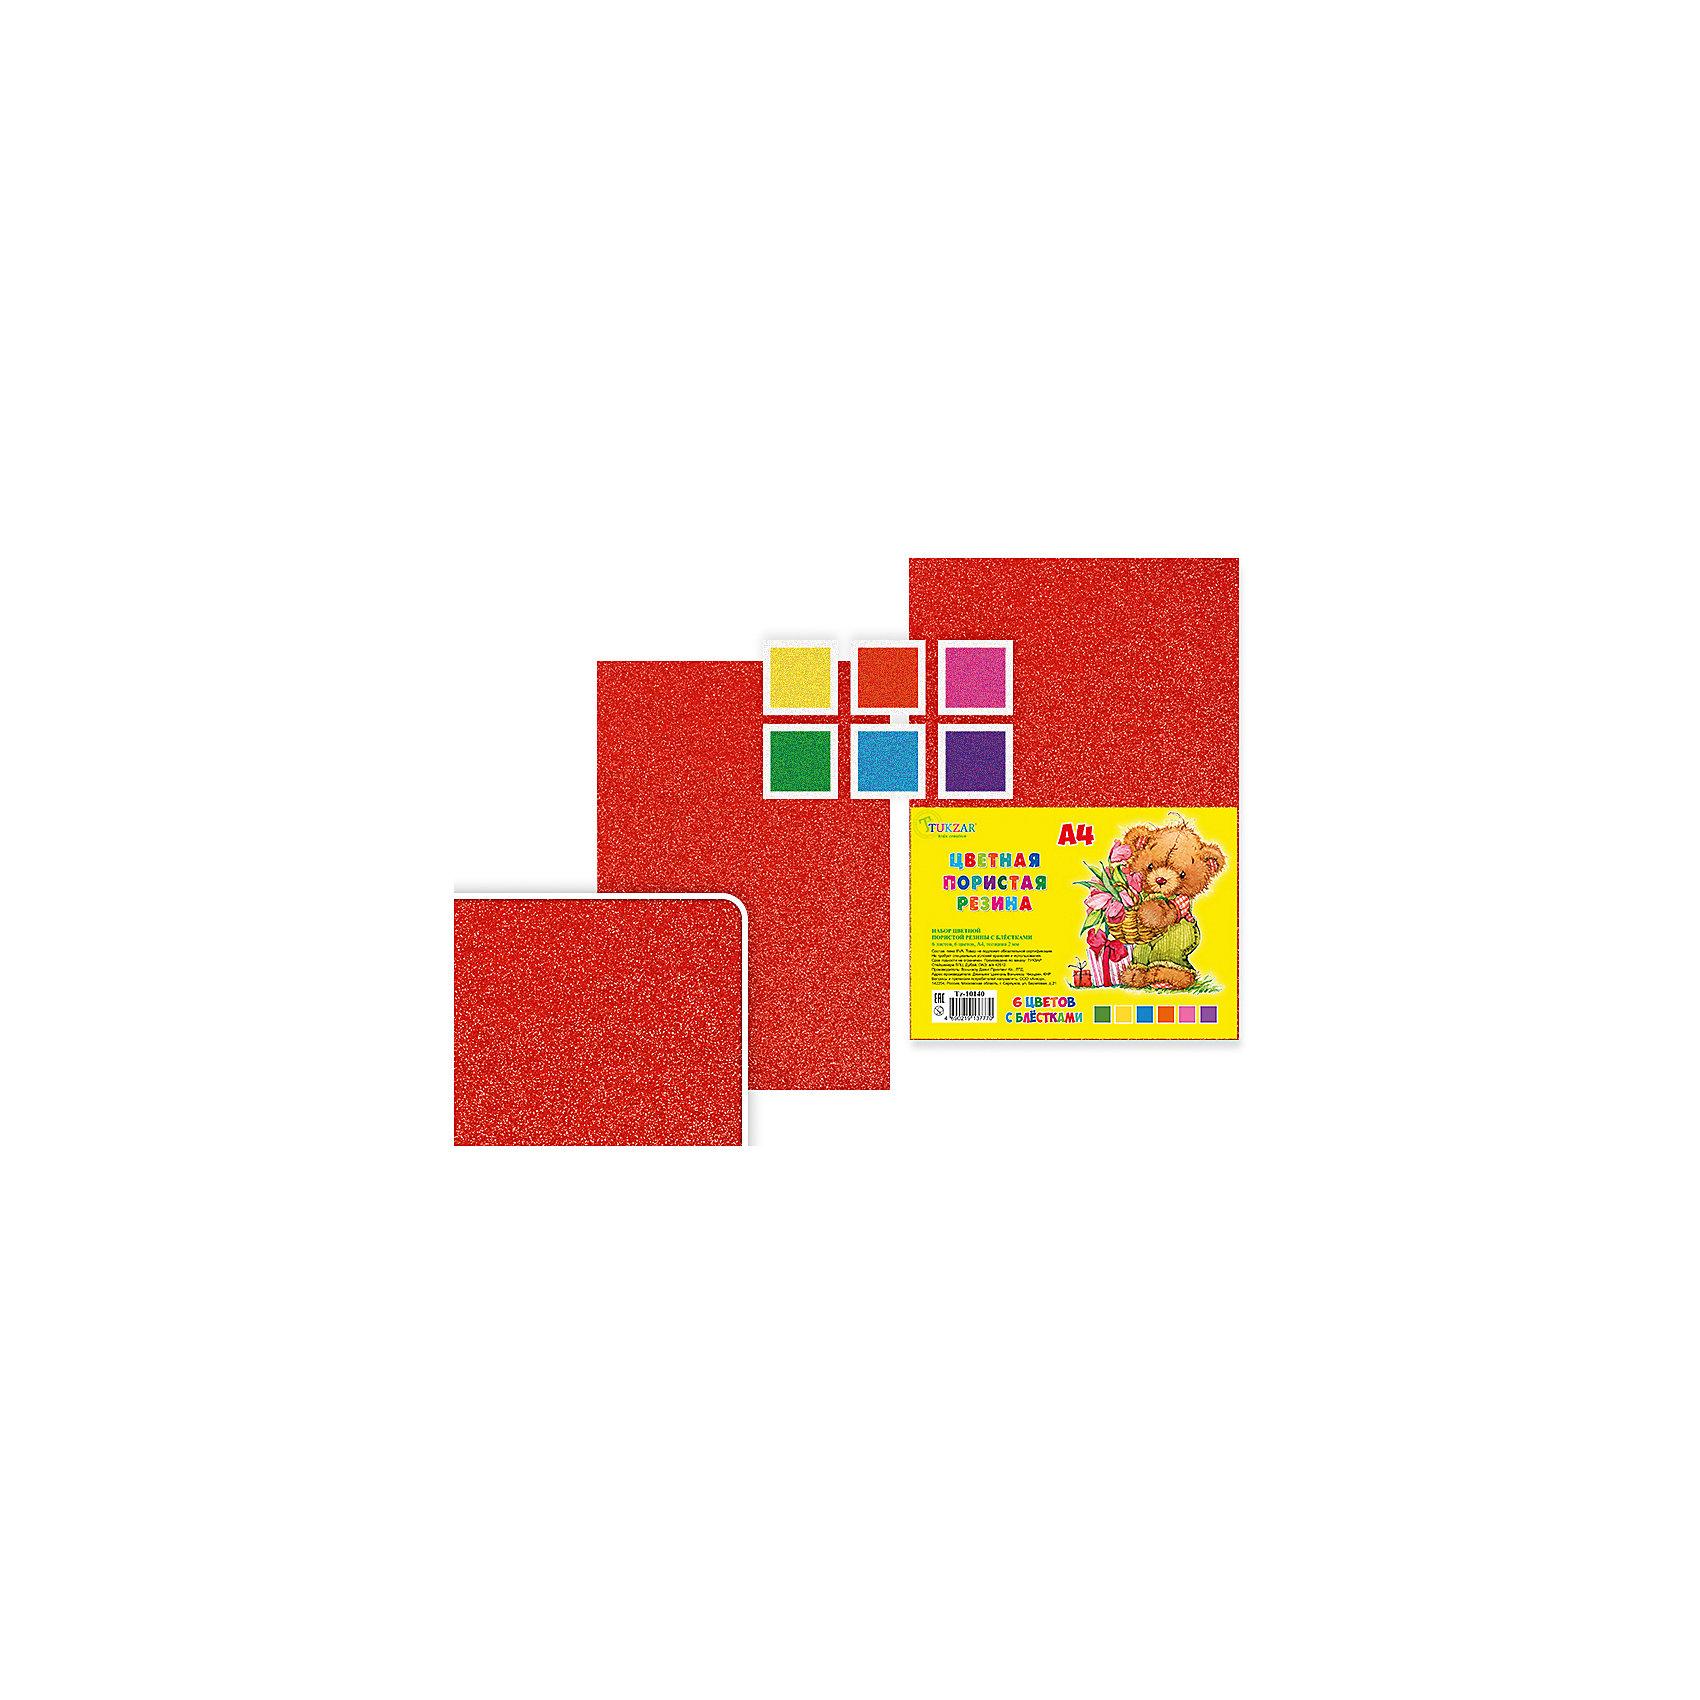 Набор цветной пористой резины с блестками,6 листов, 6 цв.Последняя цена<br>Набор цветной самоклеящейся пористой резины, 6 листов, 6 цветов, А4.<br><br>Характеристики:<br><br>• Возраст: от 6 лет<br>• Количество: 6 разноцветных листов формата А4 с клейким слоем с одной стороны<br>• Толщина листа: 2 мм.<br>• Цвета: оранжевый, розовый, желтый, зеленый, голубой, сиреневый<br><br>Цветная пористая резина (пена EVA) ярких насыщенных цветов в листах формата А4 предназначена для создания творческих поделок и объемных аппликаций дома, в школе или в детском саду. Листы покрыты прочным клейким слоем с одной стороны. Пористая резина - приятная на ощупь, гибкая. Работать с ней просто и удобно, она режется ножницами, легко принимает нужную форму и приклеивается на ровную поверхность.<br><br>Набор цветной самоклеящейся пористой резины, 6 листов, 6 цветов, А4 можно купить в нашем интернет-магазине.<br><br>Ширина мм: 330<br>Глубина мм: 8<br>Высота мм: 210<br>Вес г: 143<br>Возраст от месяцев: 72<br>Возраст до месяцев: 2147483647<br>Пол: Унисекс<br>Возраст: Детский<br>SKU: 5504498